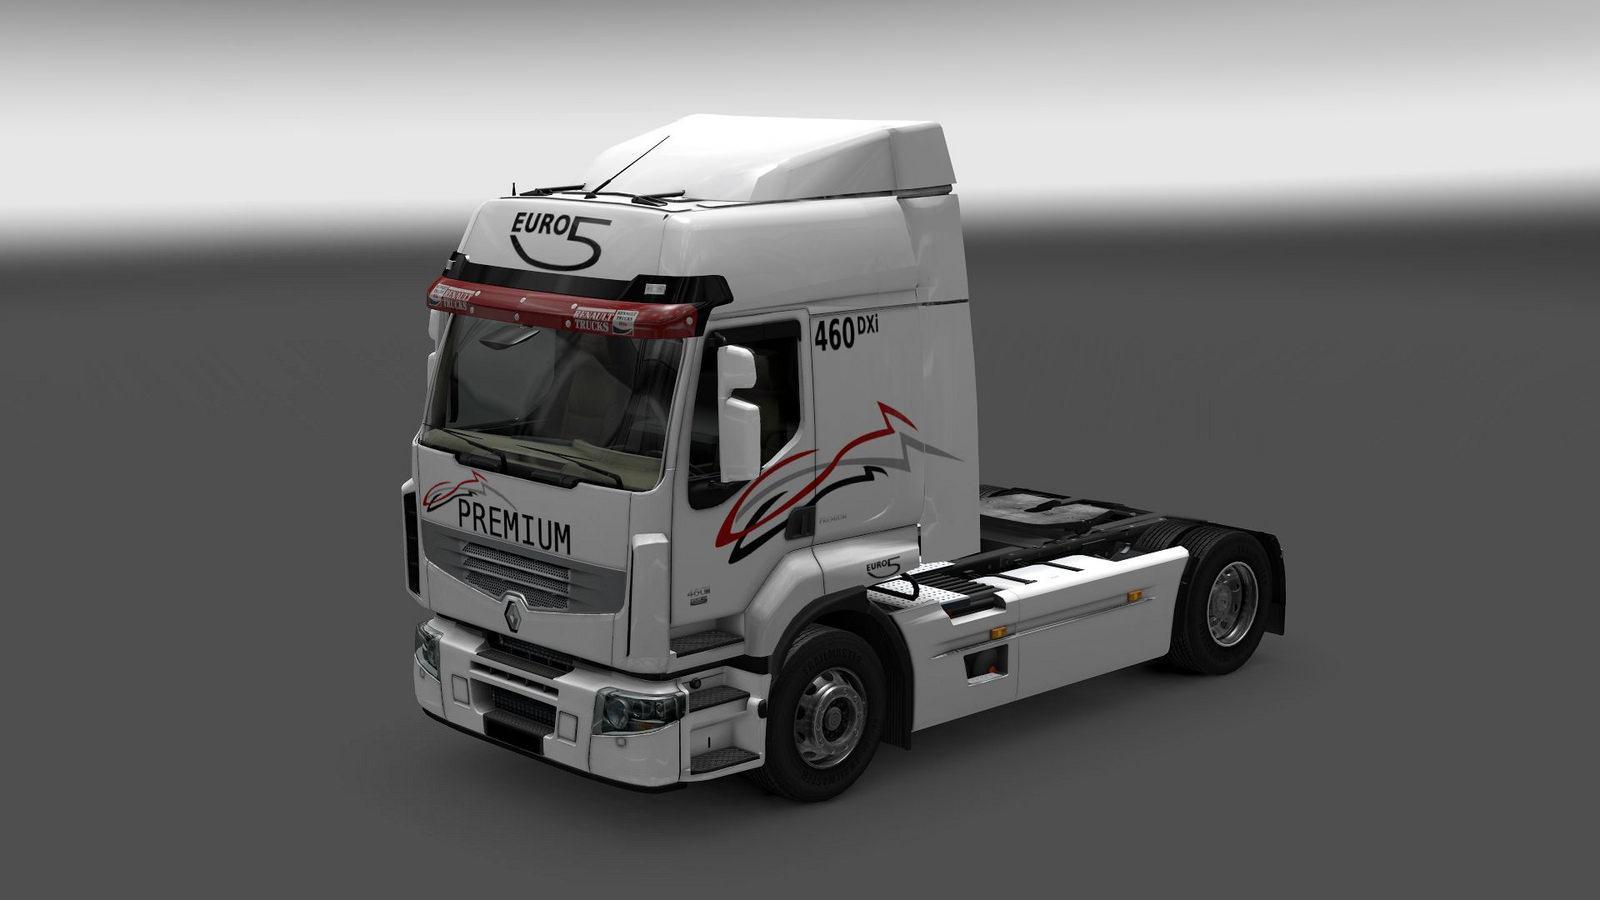 Seat Skins For Trucks >> RENAULT PREMIUM V2.4 | ETS2 mods | Euro truck simulator 2 mods - ETS2MODS.LT